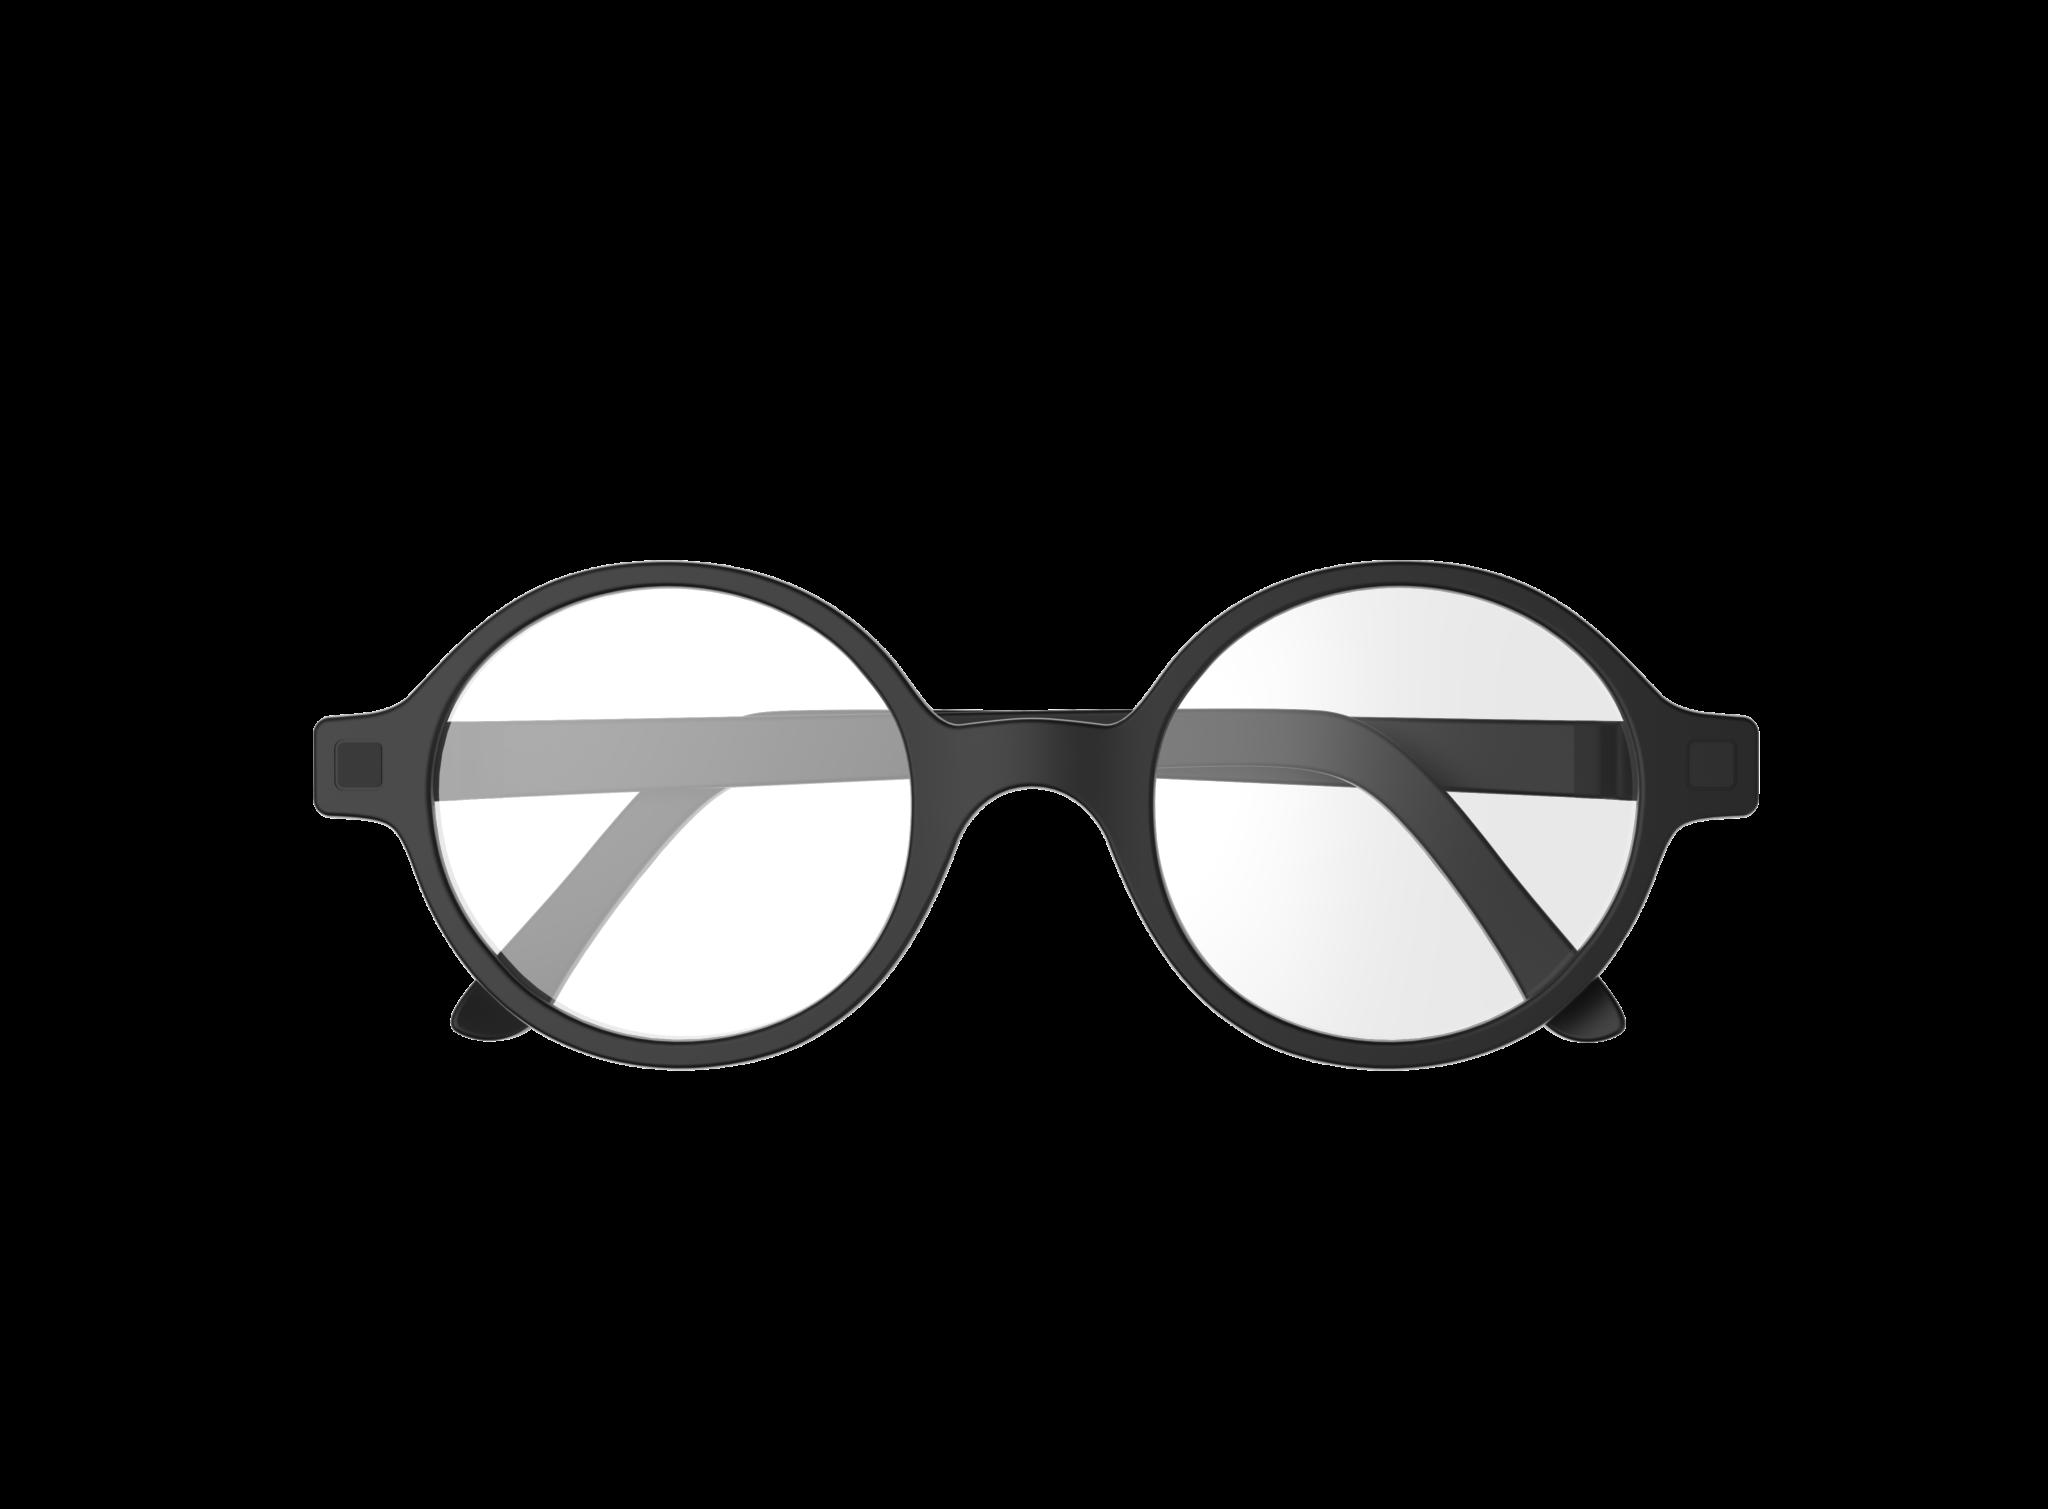 Lunettes Crazyg-Zag Screen. Ki ET LA lance une gamme de lunettes filtrant  la lumière bleue des écrans. RoZZ 6-9 ans ... 2c1568c448d5